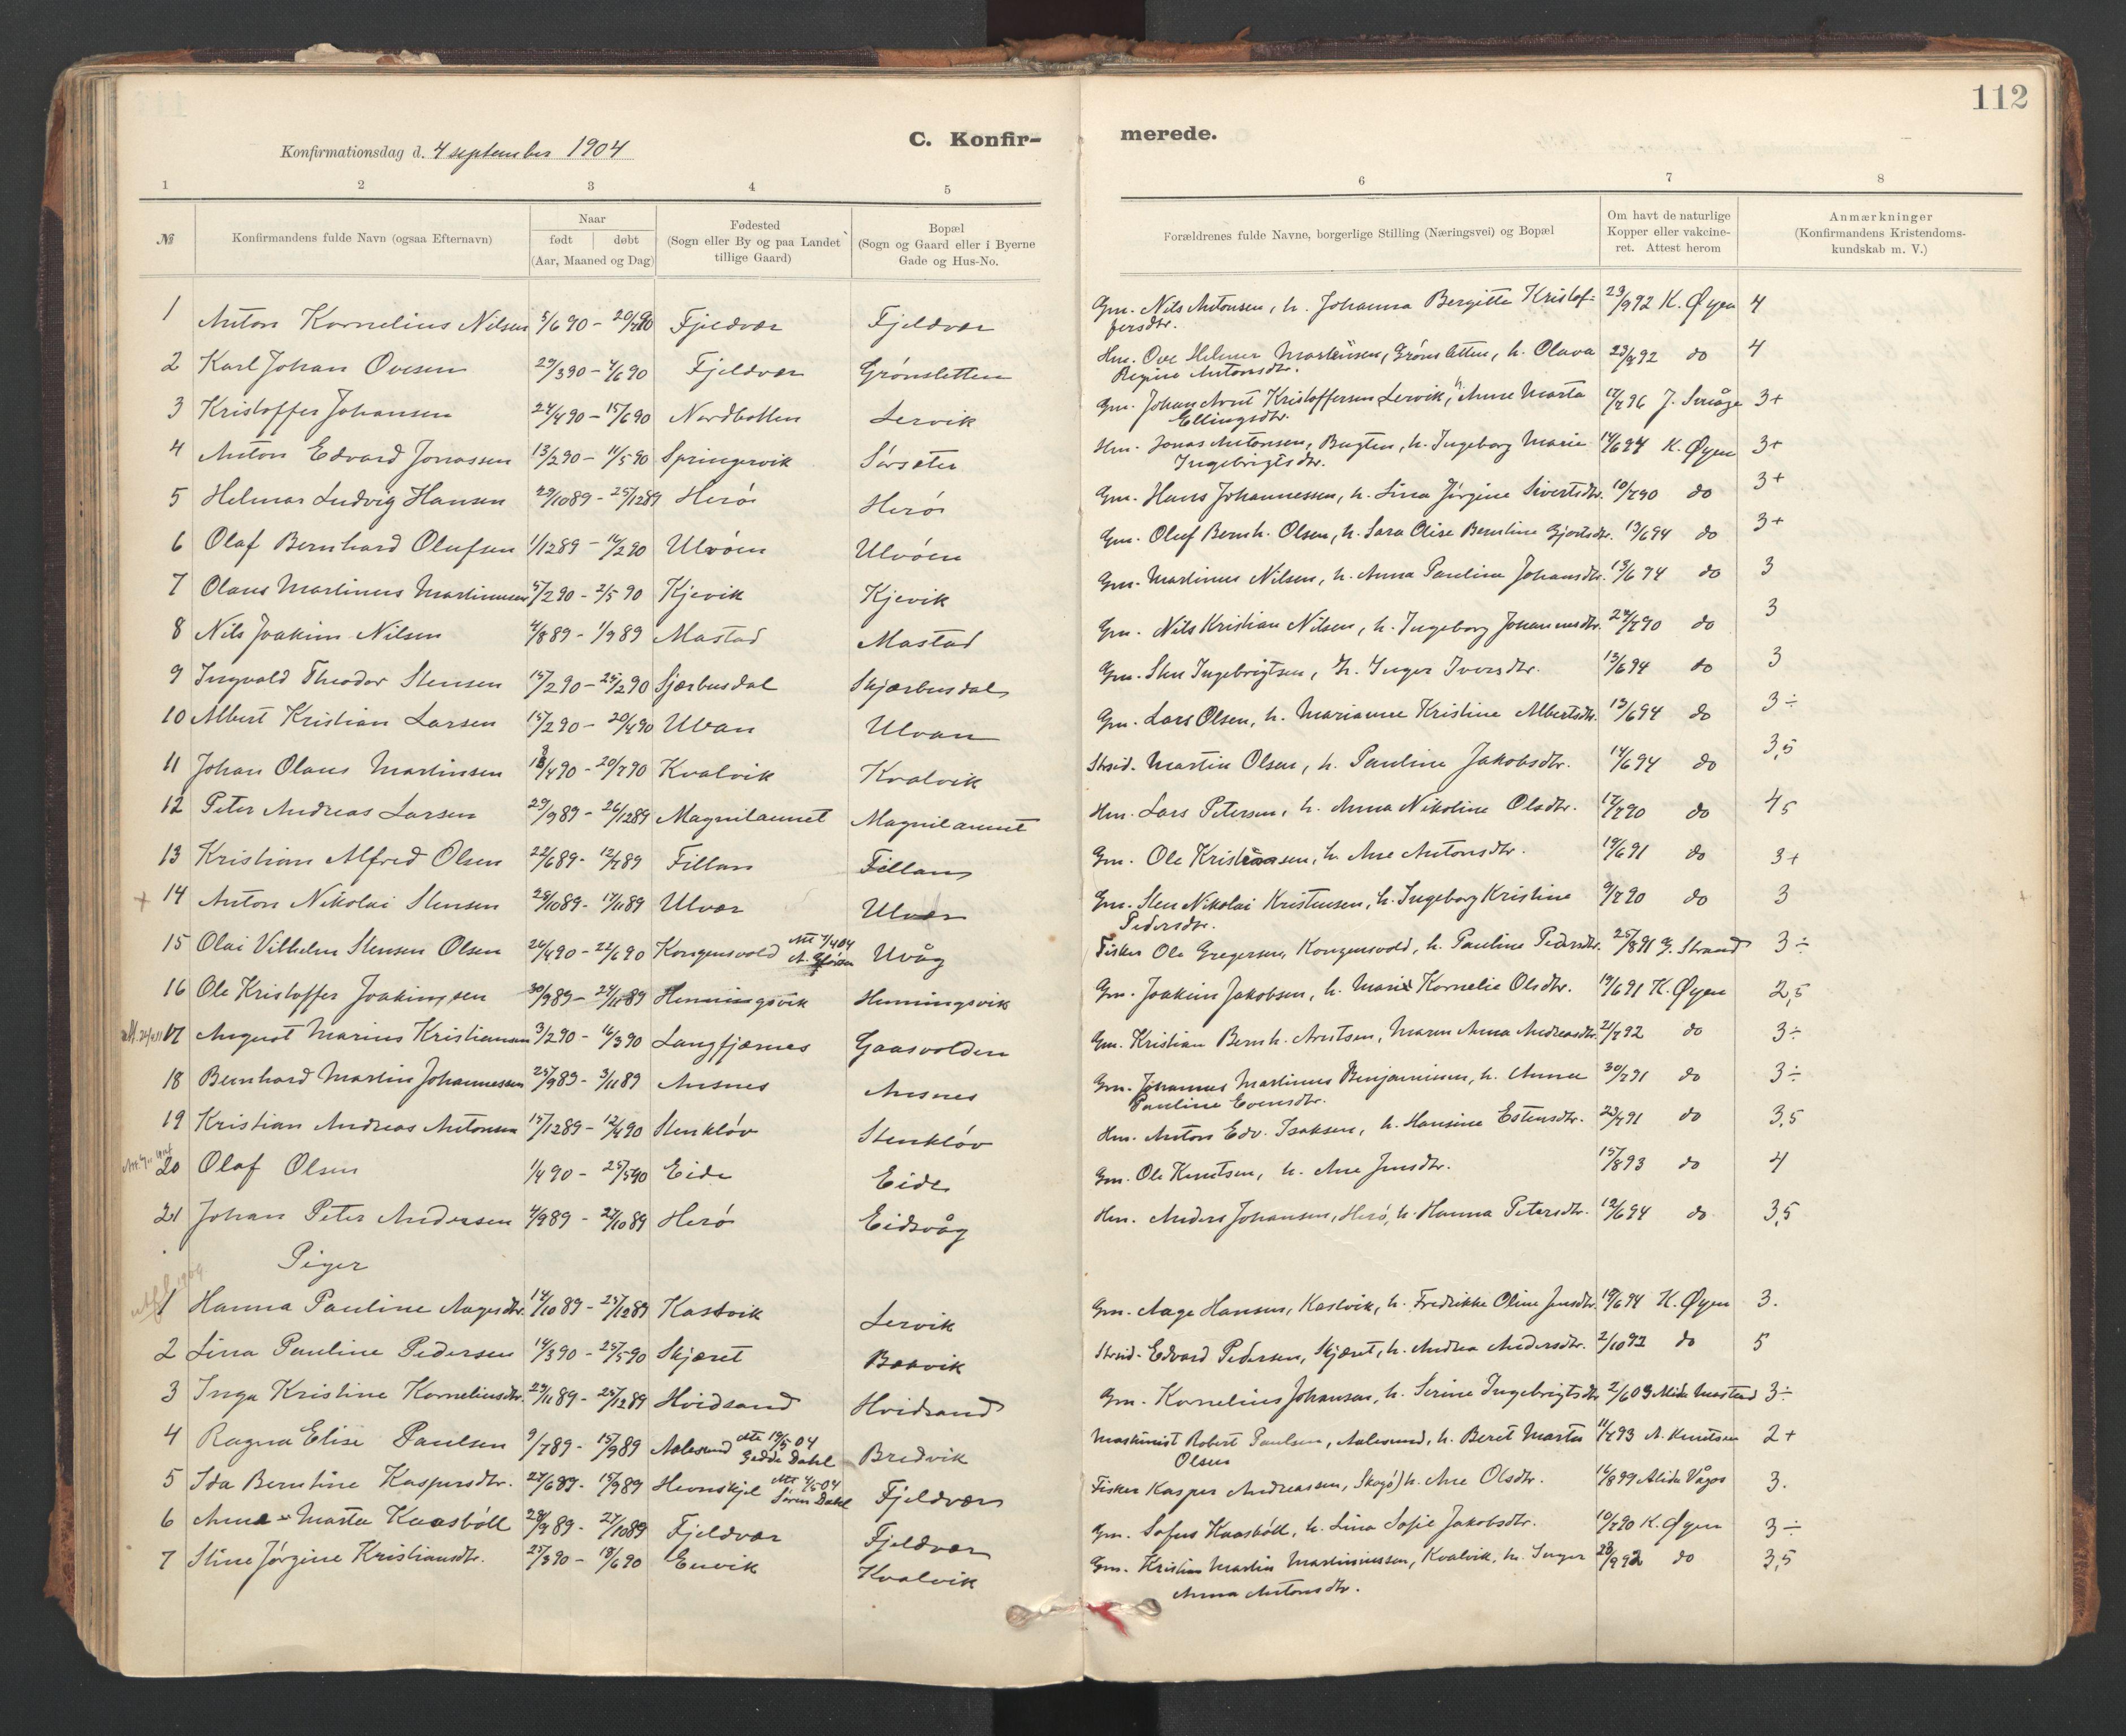 SAT, Ministerialprotokoller, klokkerbøker og fødselsregistre - Sør-Trøndelag, 637/L0559: Ministerialbok nr. 637A02, 1899-1923, s. 112